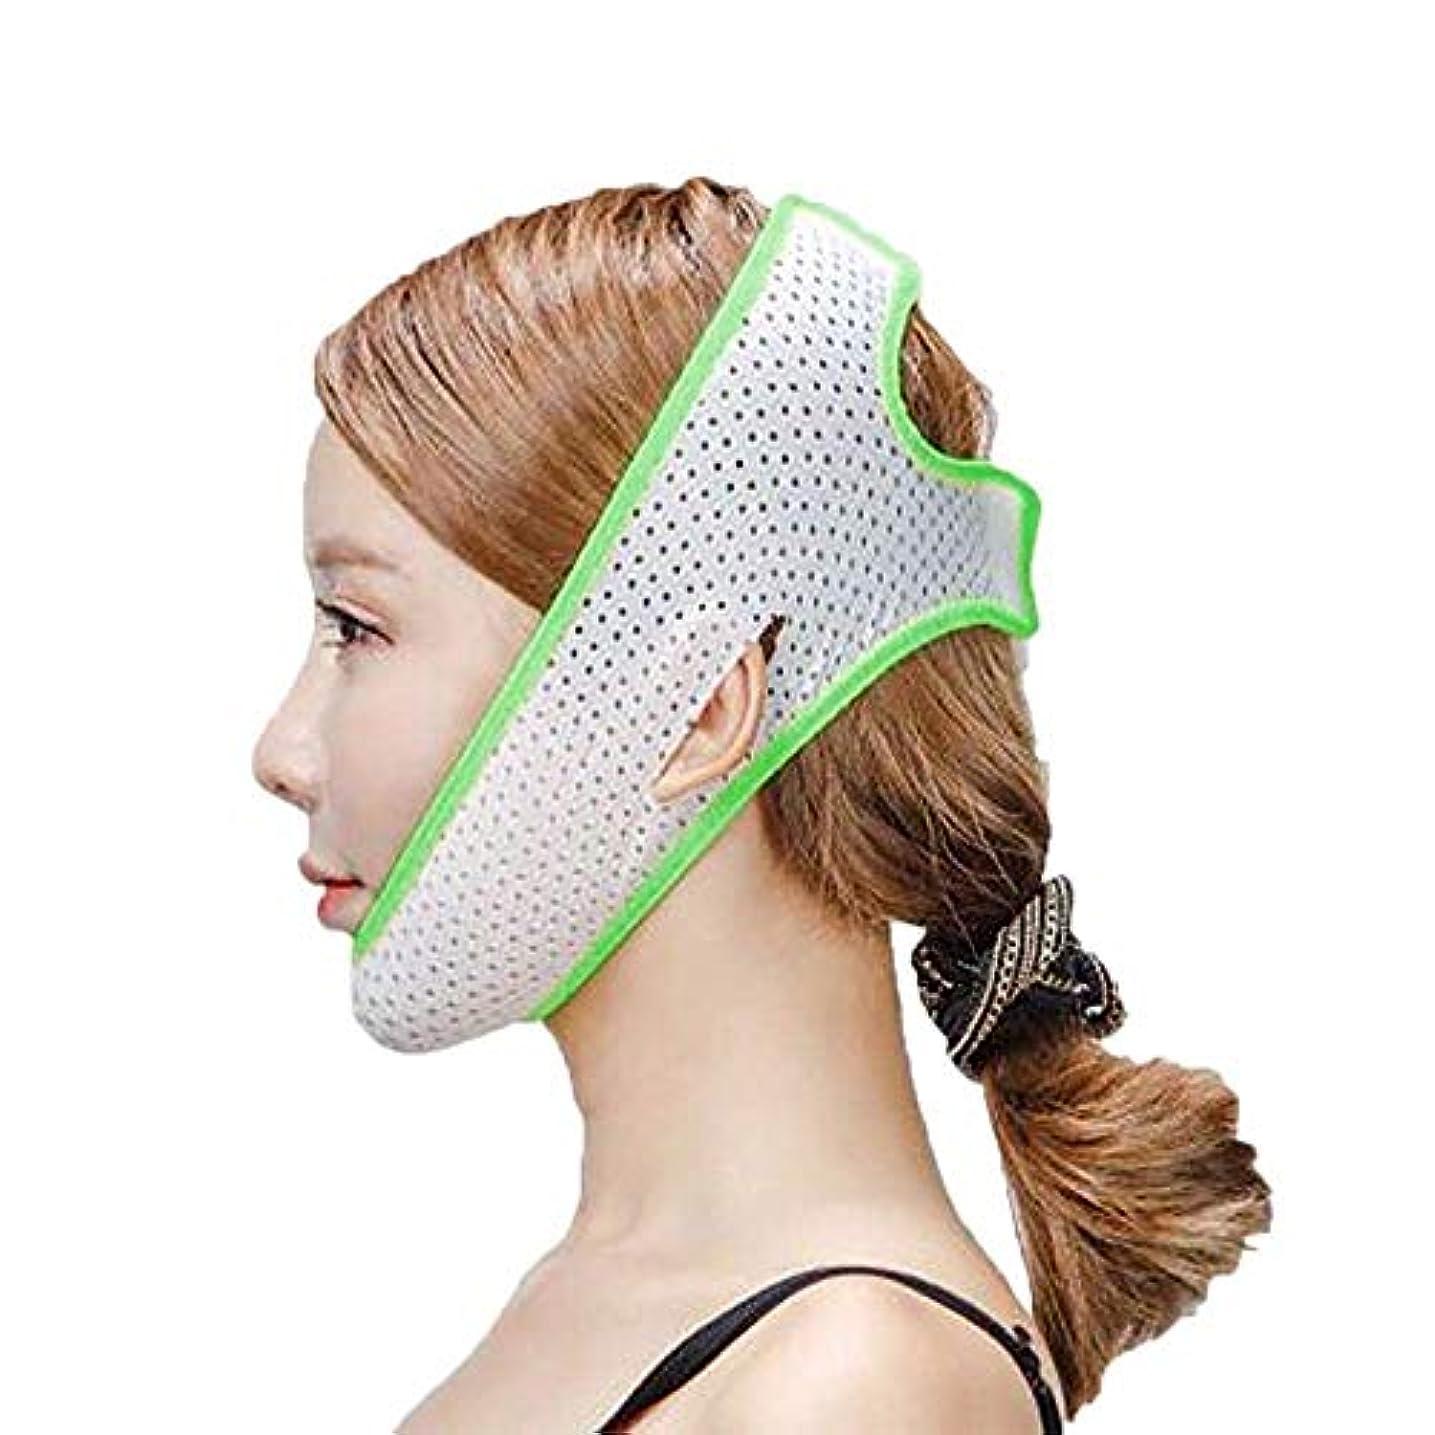 ほとんどの場合脱走気取らないフェイスリフトマスク、ダブルチンストラップ、フェイシャル減量マスク、フェイシャルダブルチンケアスリミングマスク、リンクルマスク(フリーサイズ)(カラー:ブラック),緑